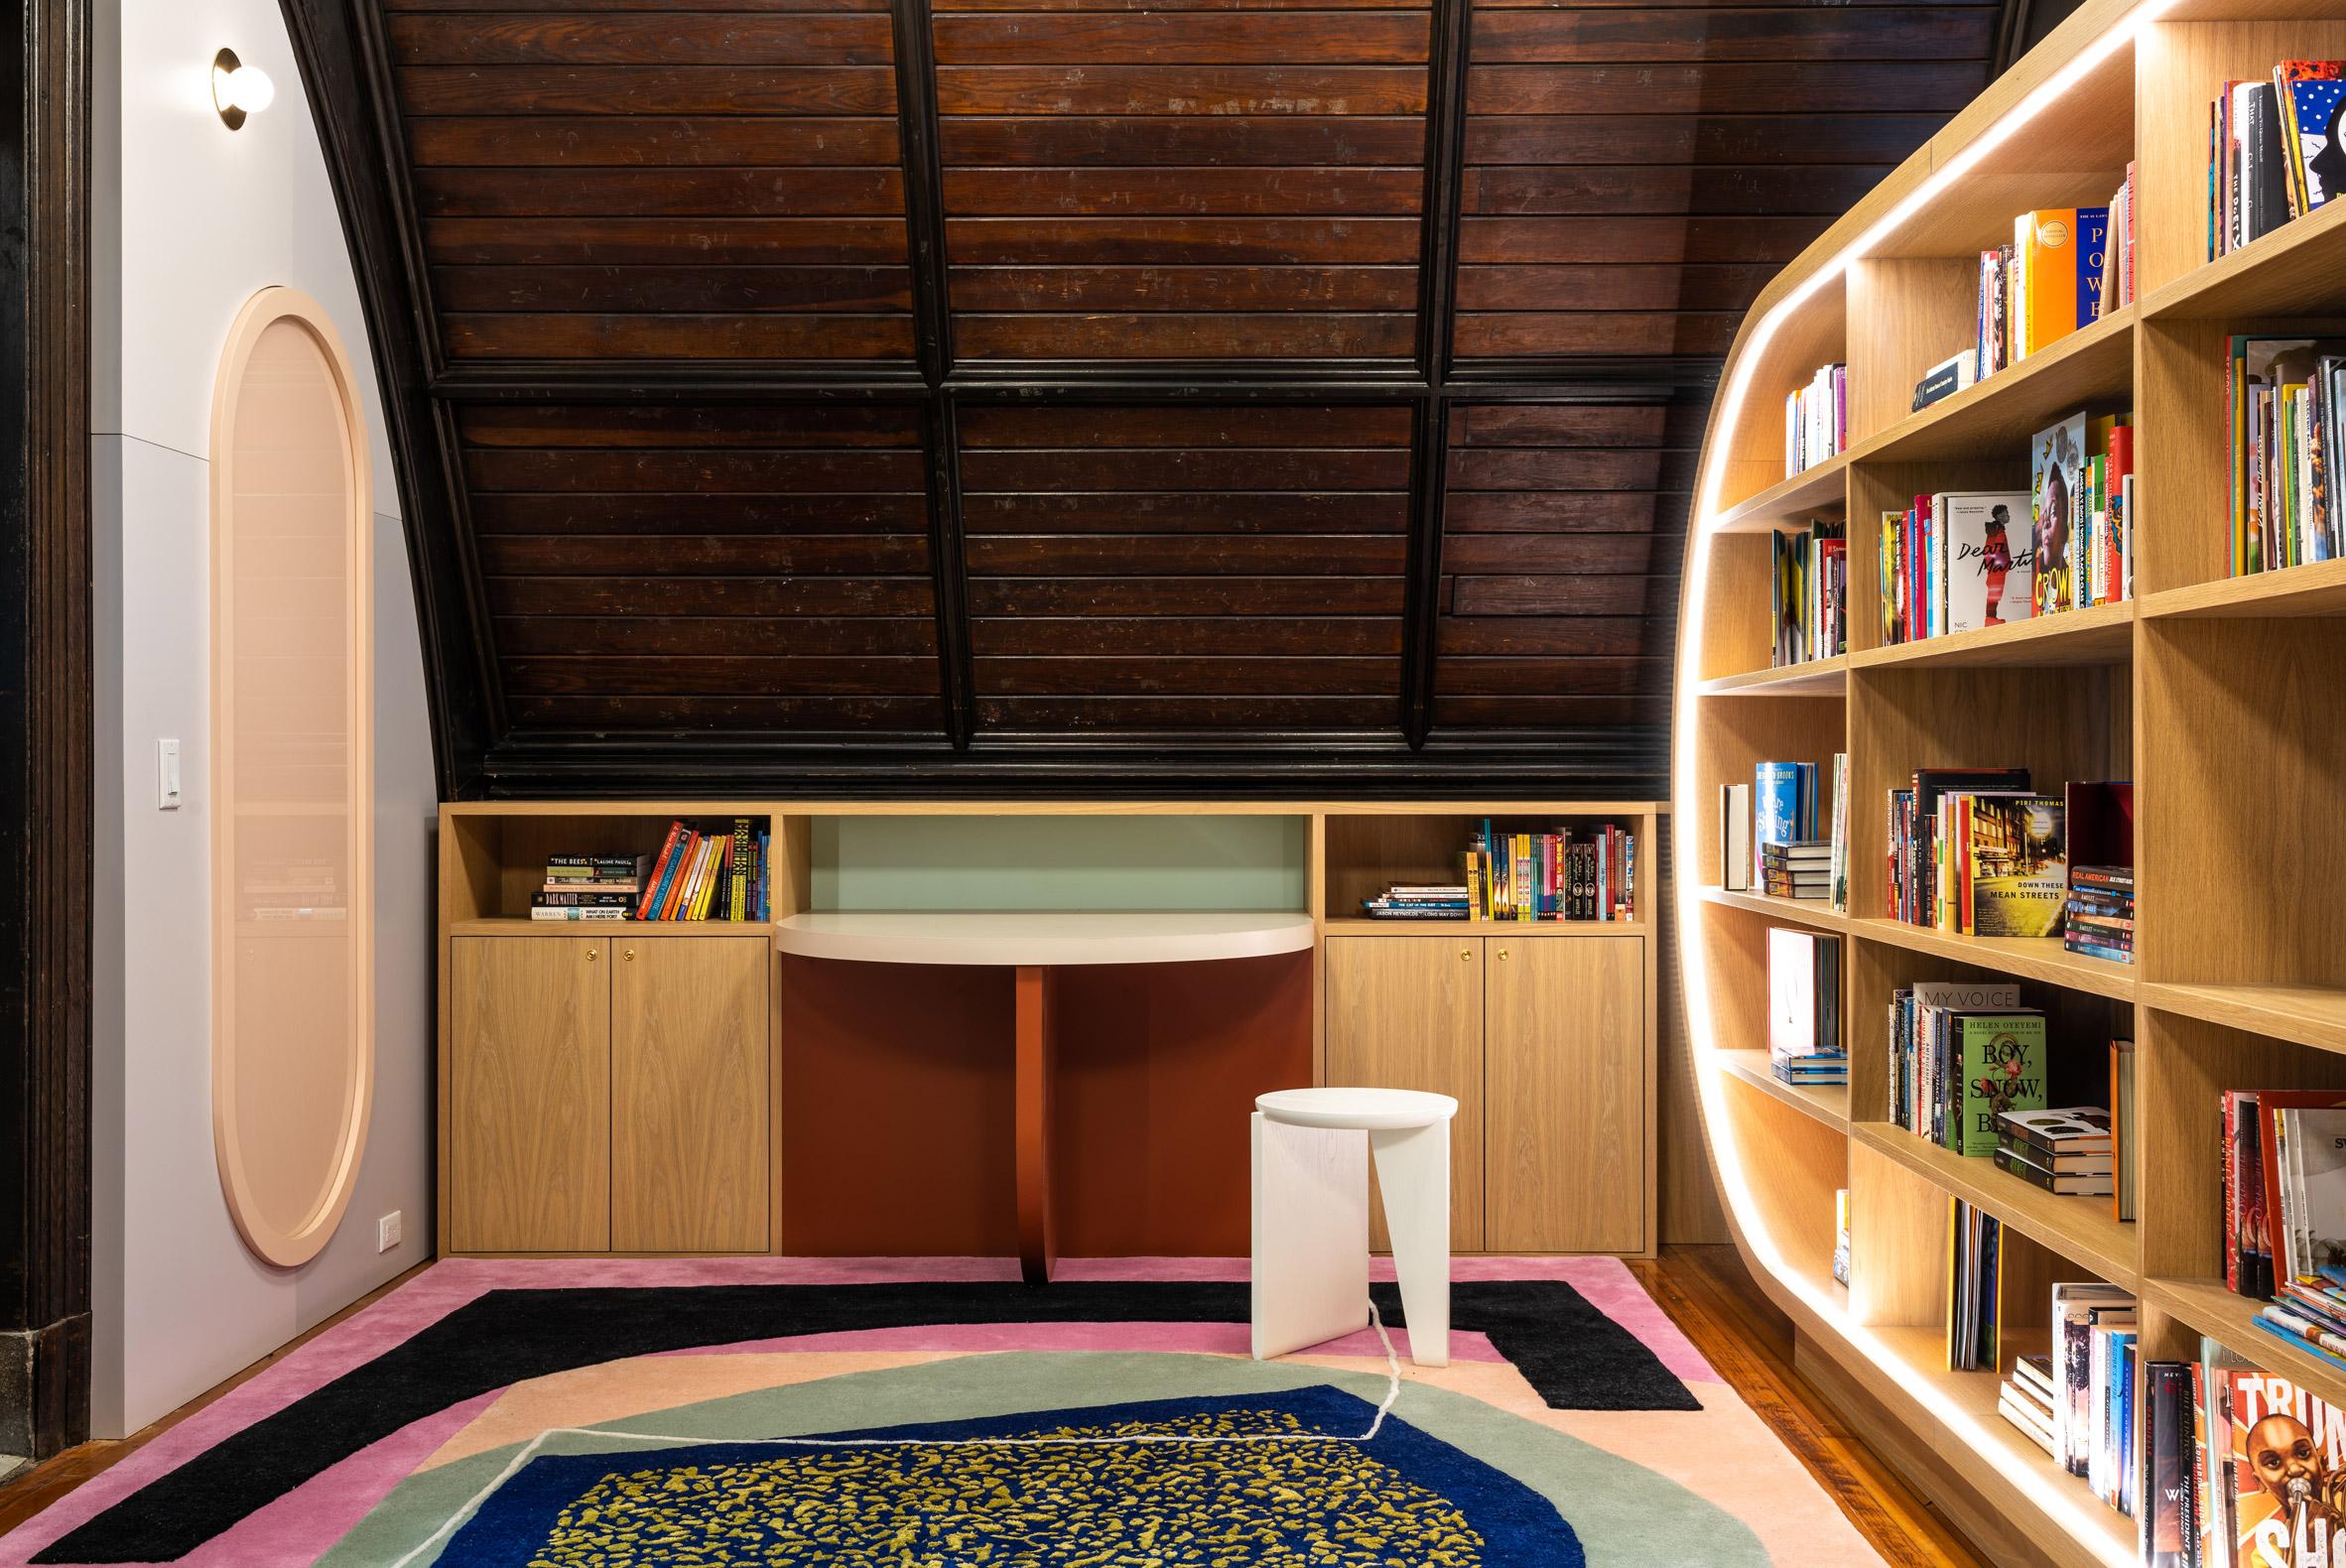 Children's Library by MKCA